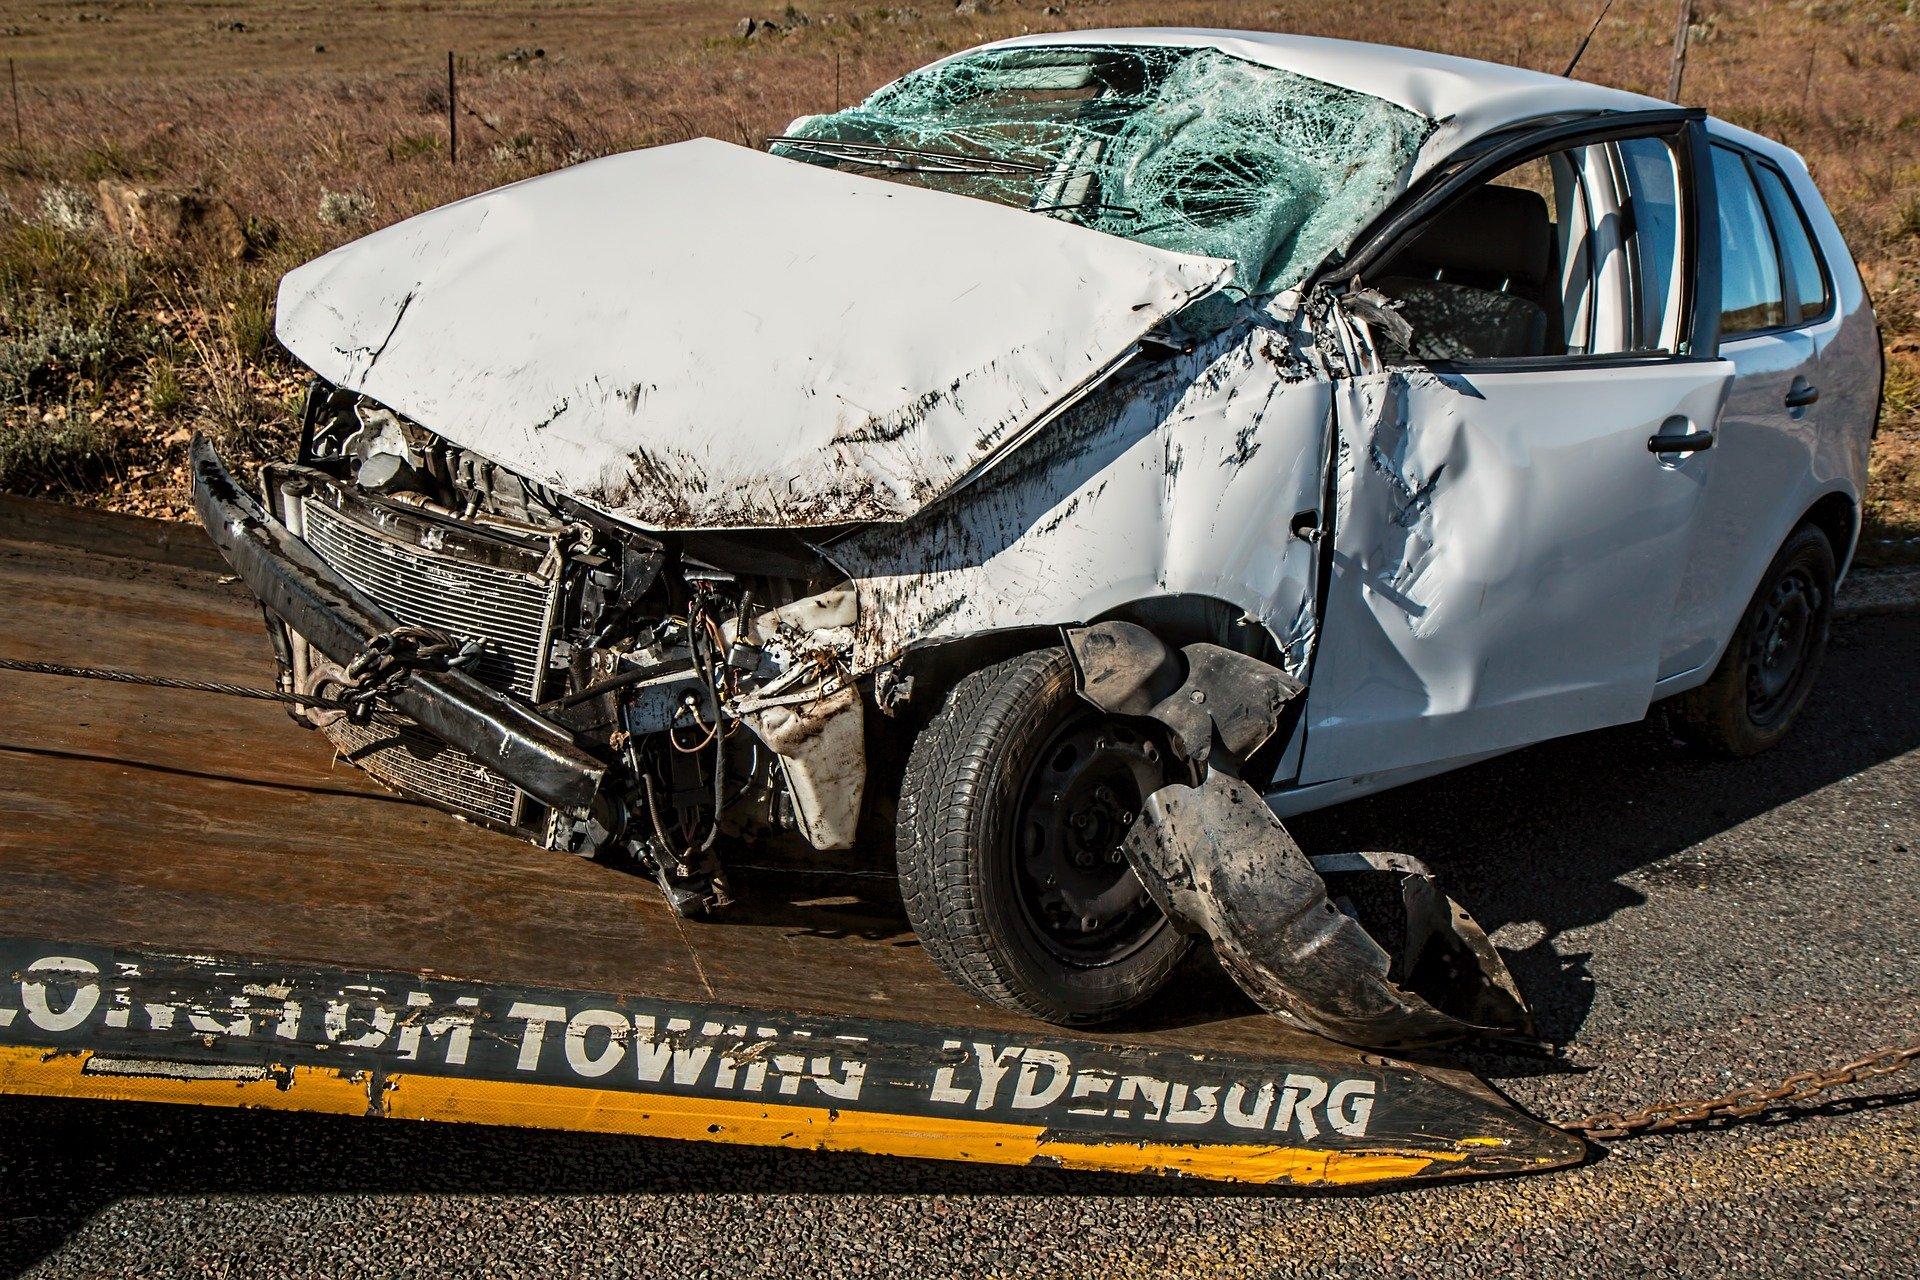 Foto de um carro branco com a parte frontal totalmente danificada, em cima da parte traseira de um guincho. Imagem ilustrativa para texto perda total.